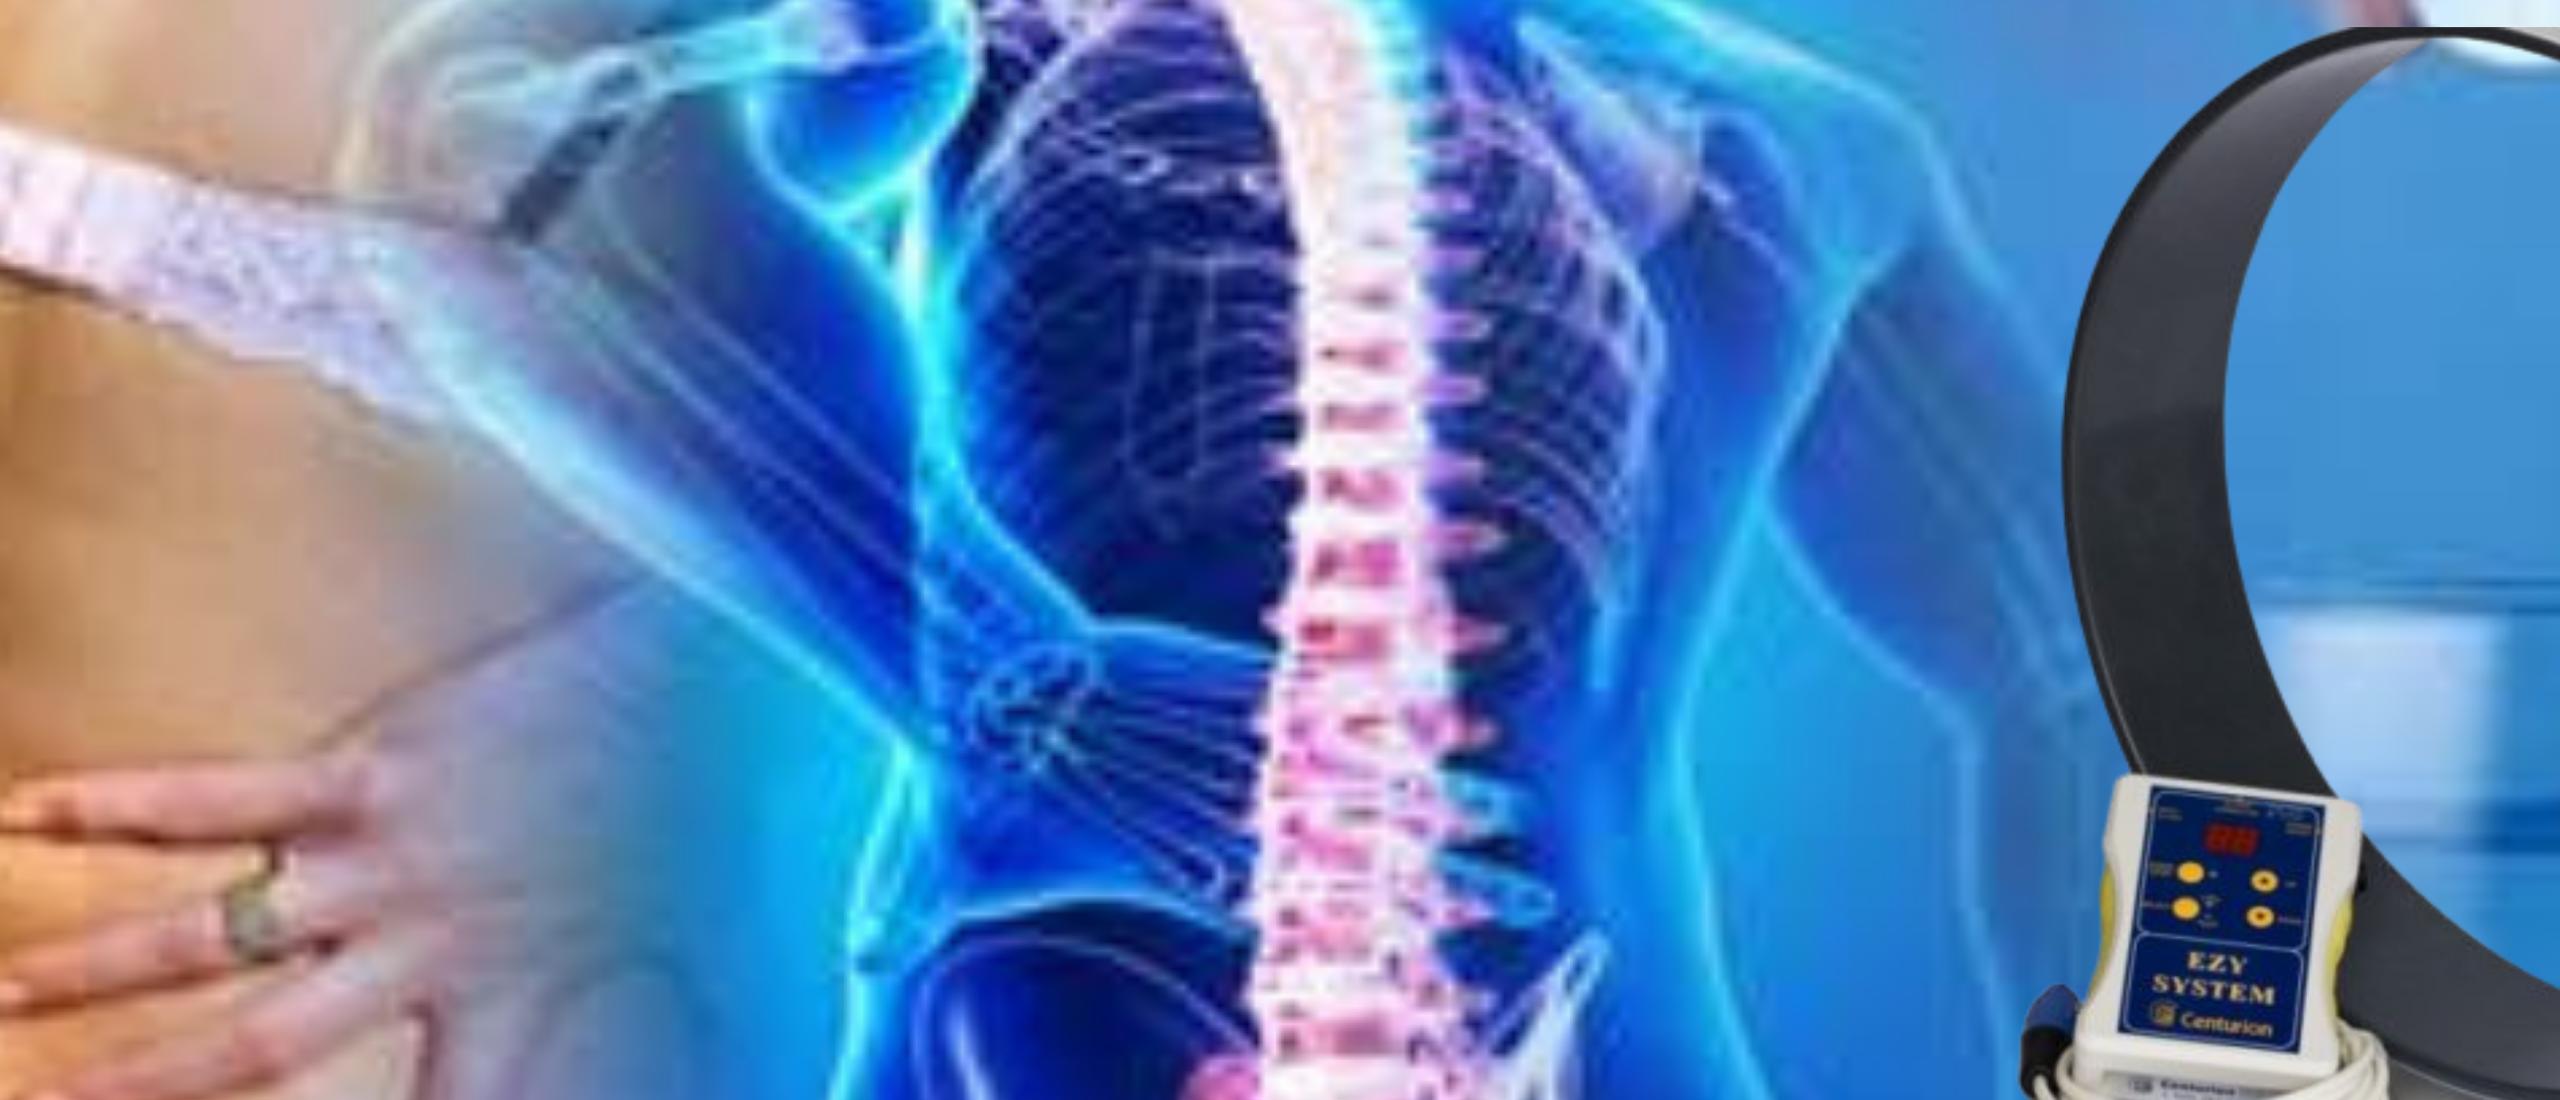 Behandeling van een hernia met magneetveldtherapie